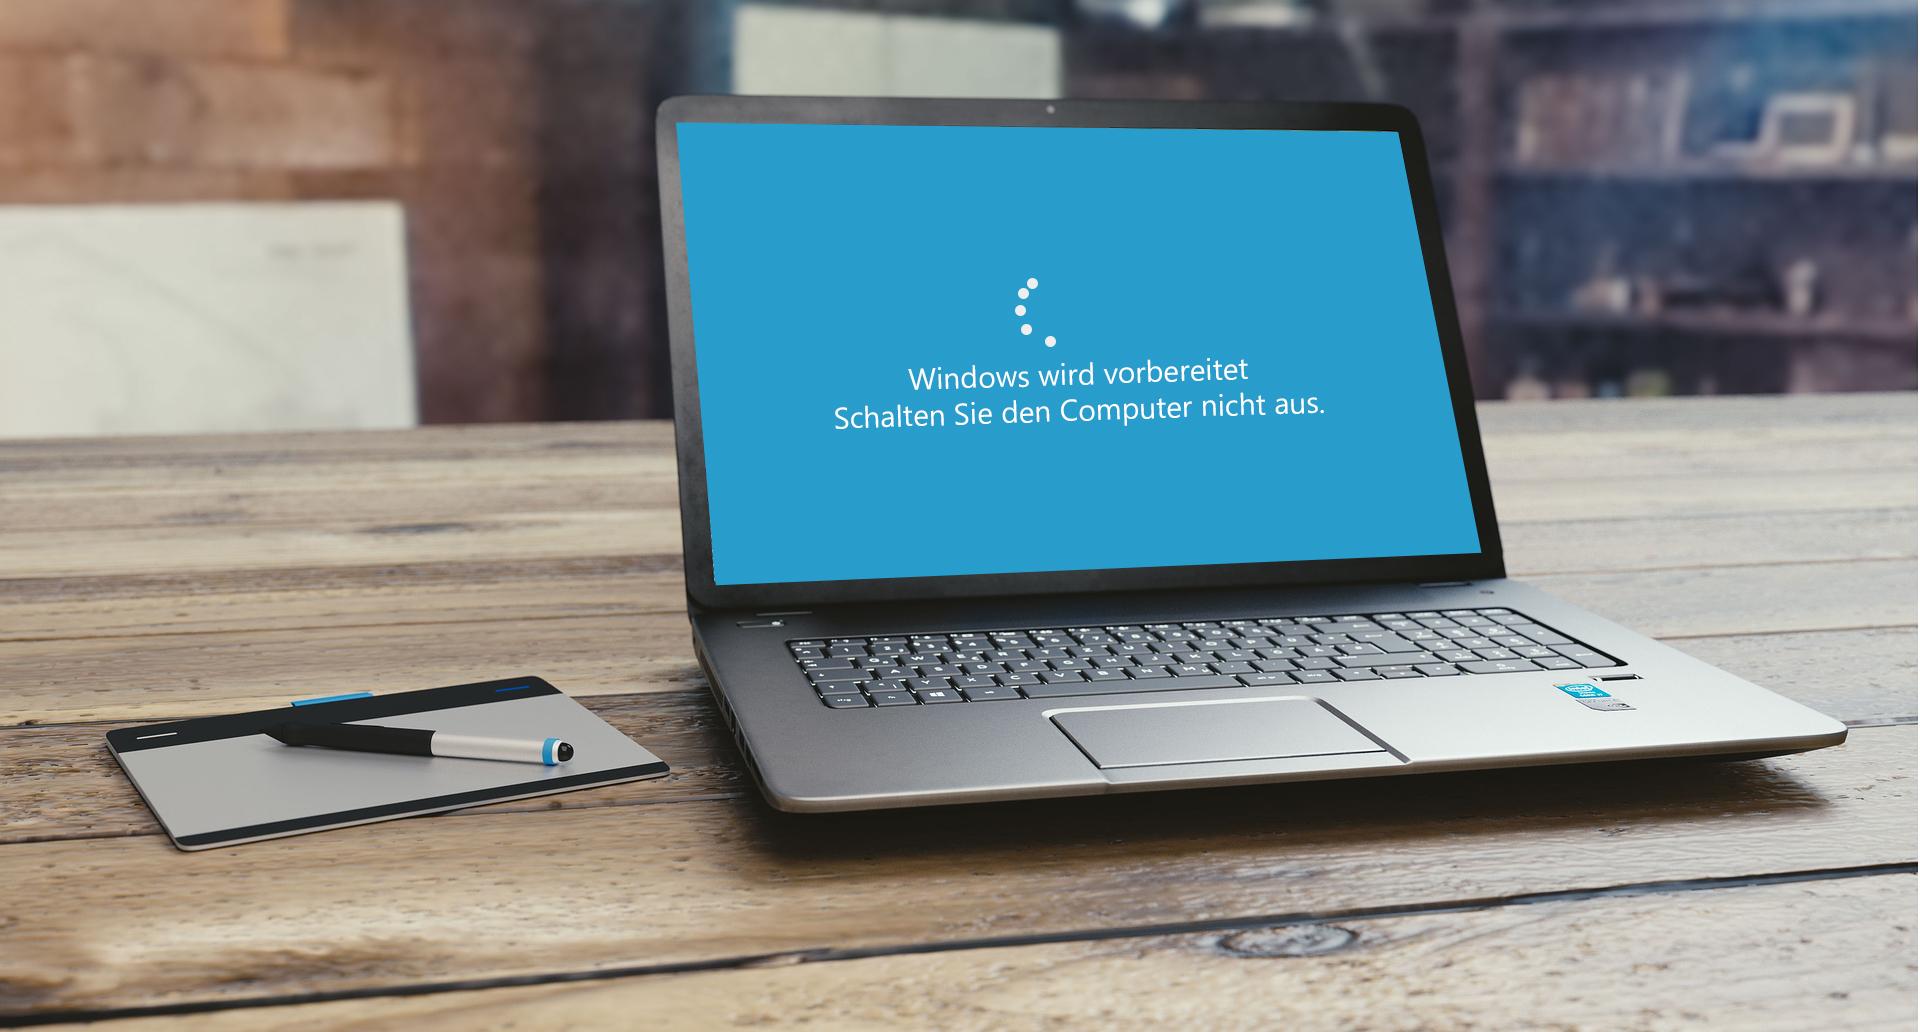 Windows Wird Vorbereitet Win 10